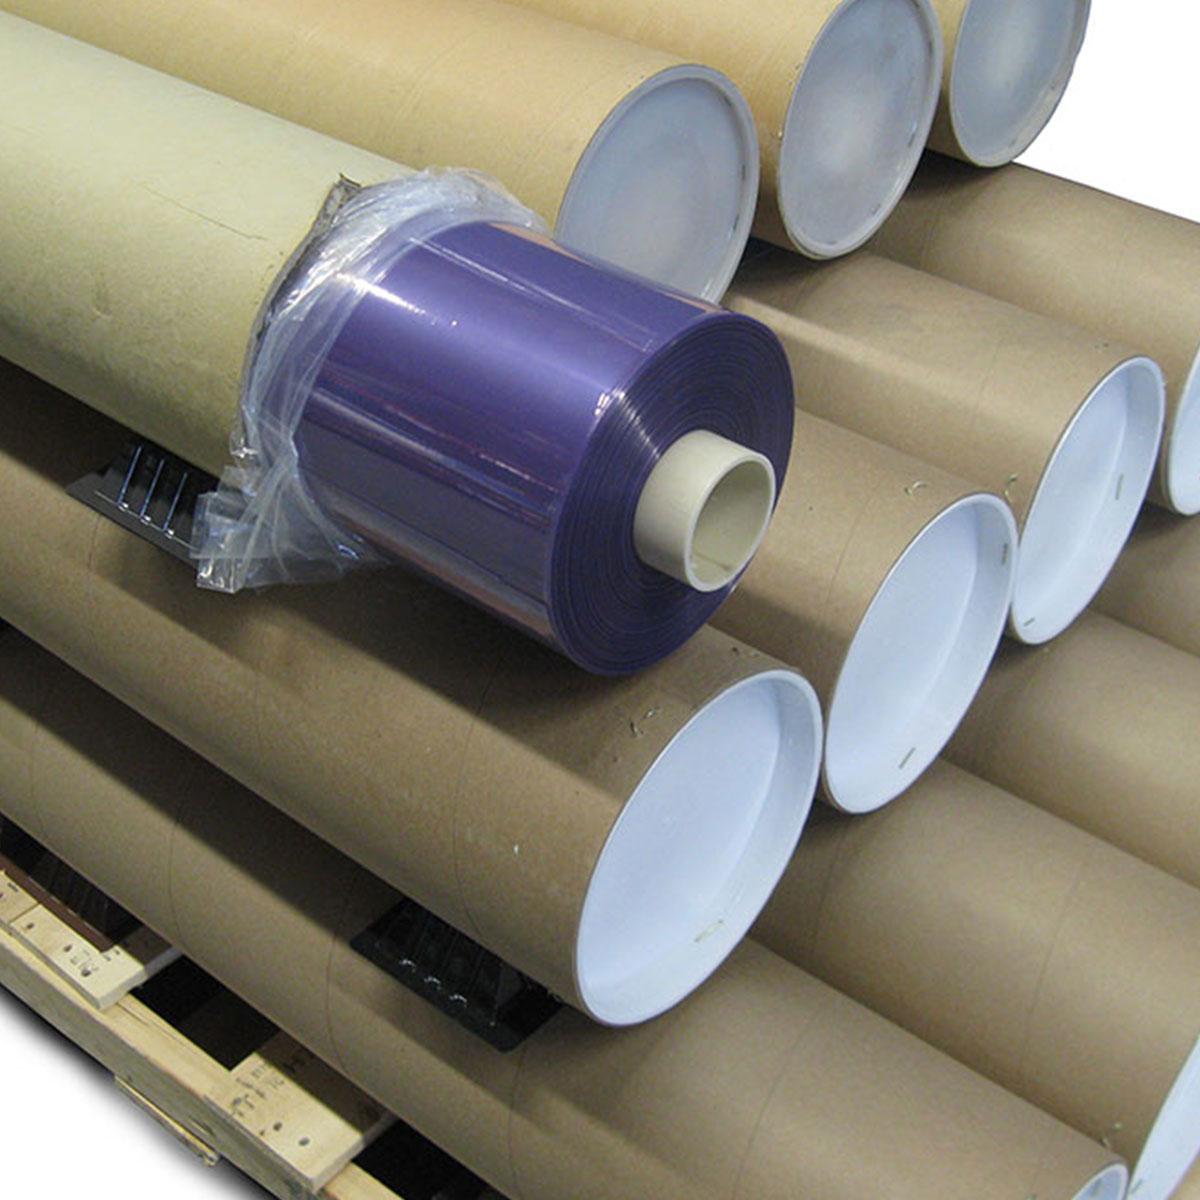 vakuum sack nylon 2300 lila 0076mm x 2300mm 42366m 0003 x 90